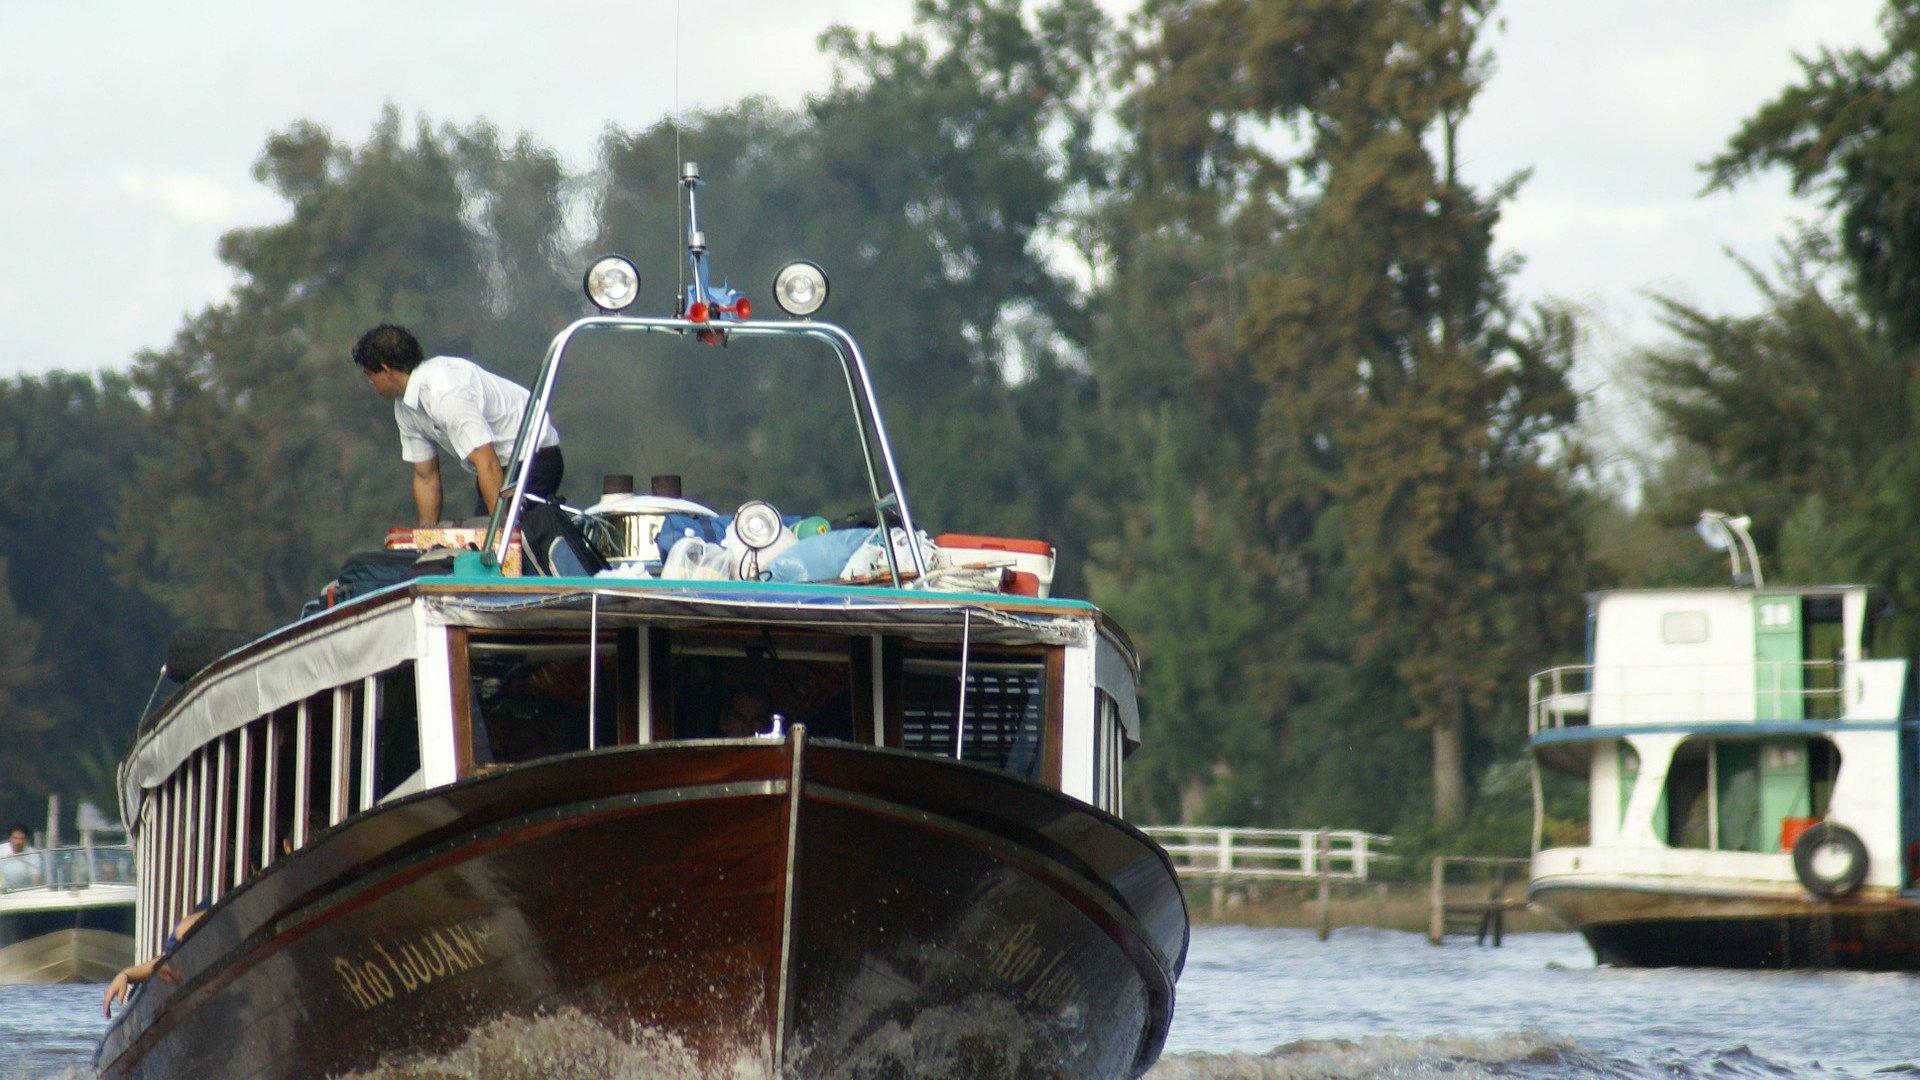 La location de bateaux est particulièrement appréciée pendant les vacances 15